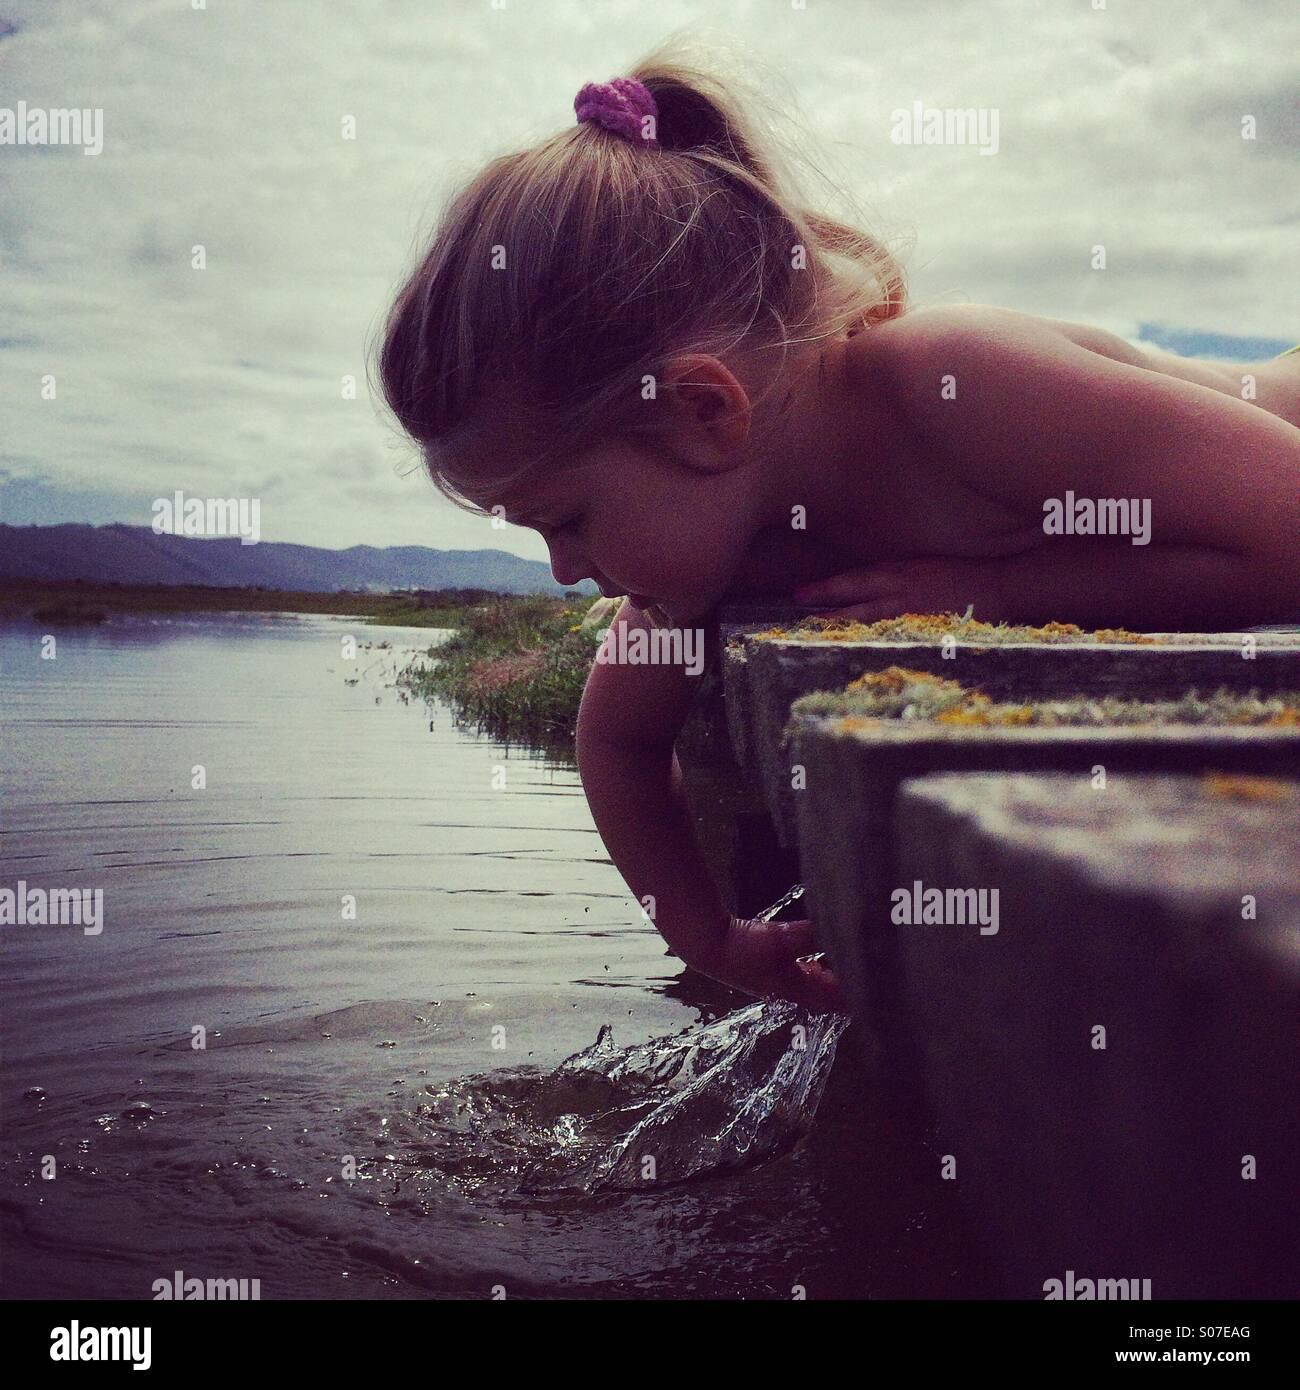 Summer Splash Stockbild